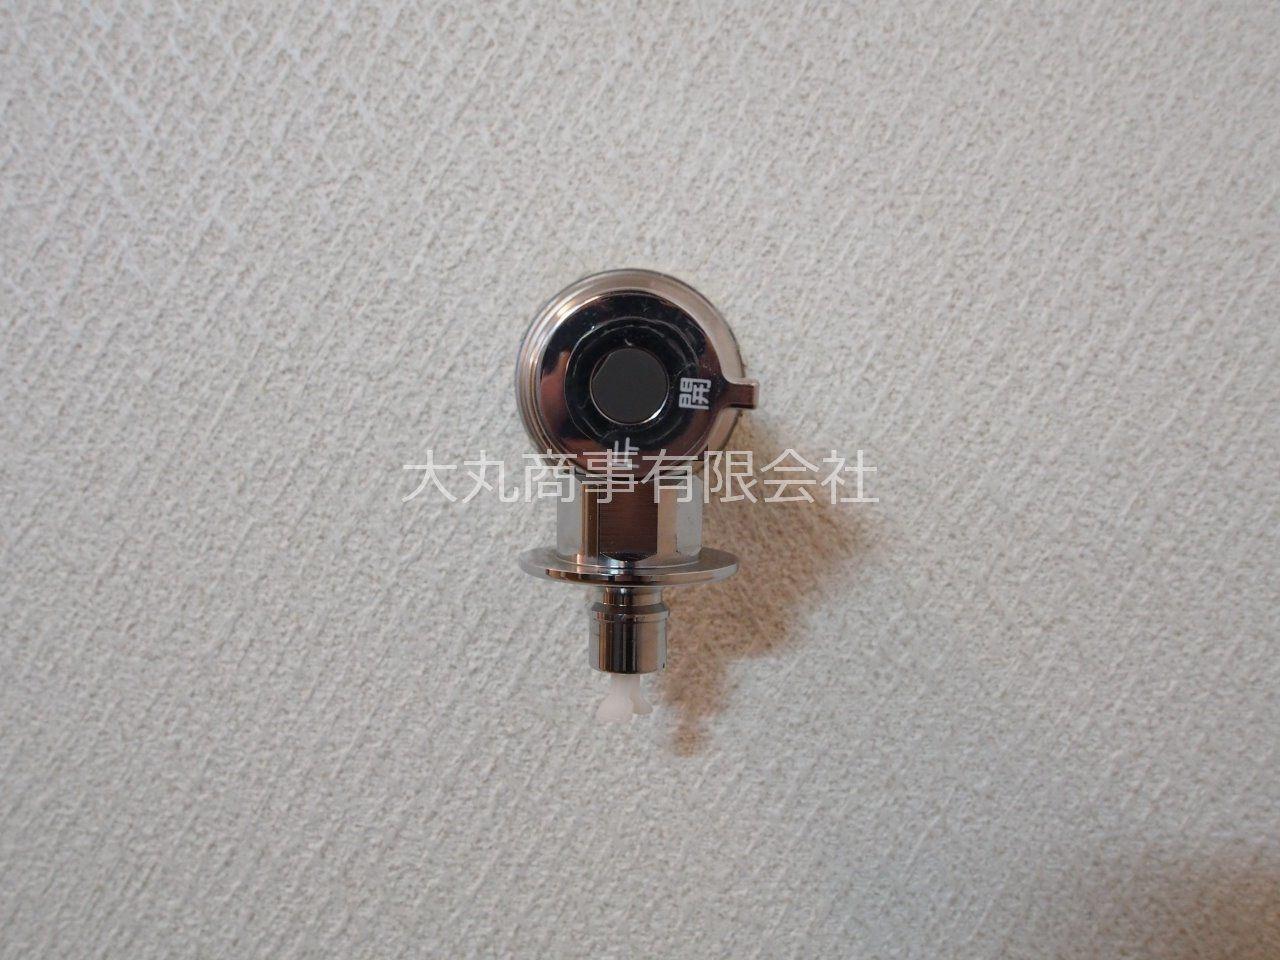 ワンタッチ式の洗濯水栓蛇口